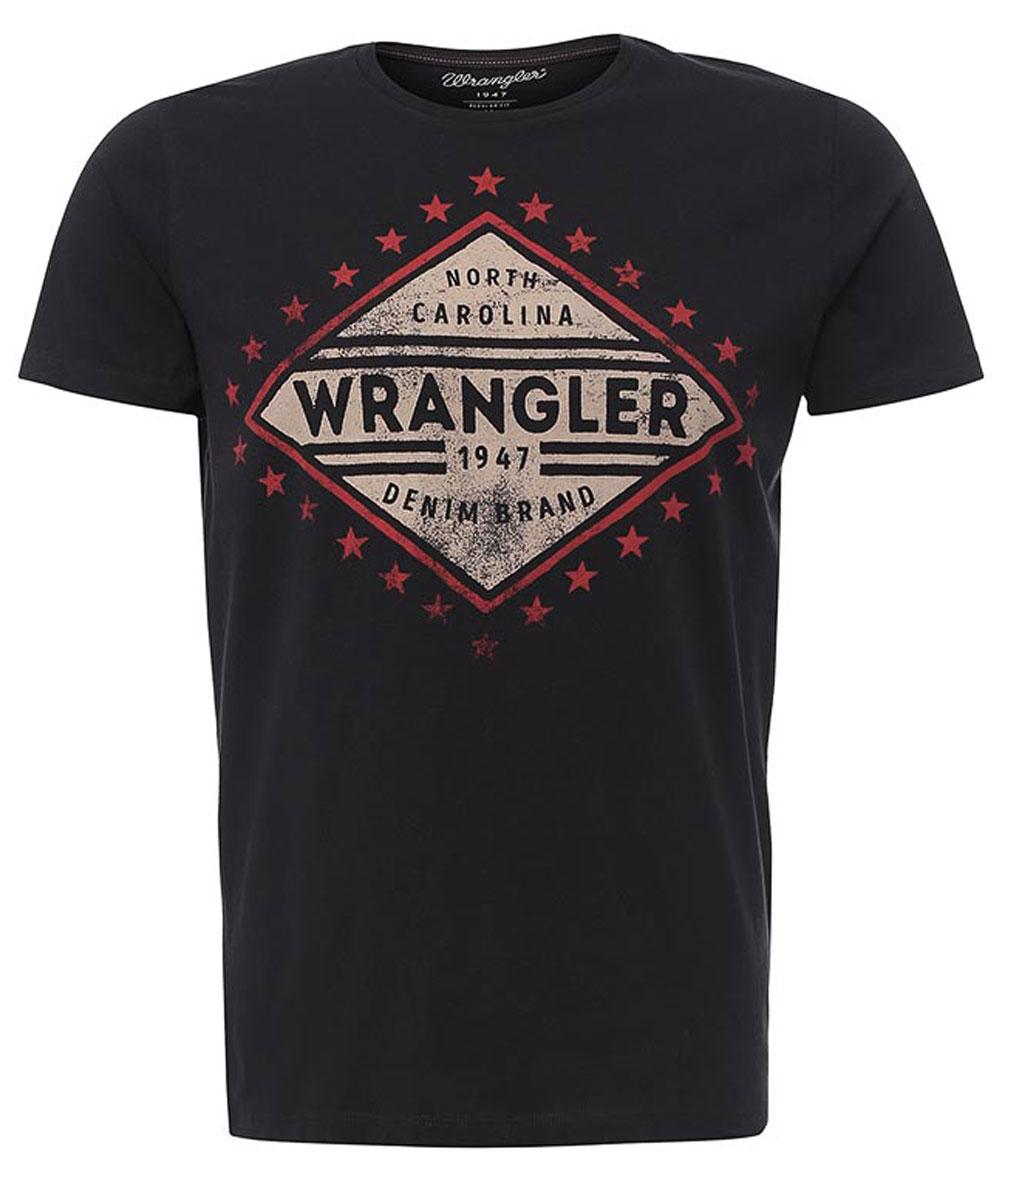 W7A52FK16Мужская футболка Wrangler Americana изготовлена из натурального хлопка. Модель выполнена с круглой горловиной и короткими рукавами. Спереди футболка декорирована оригинальным принтом.